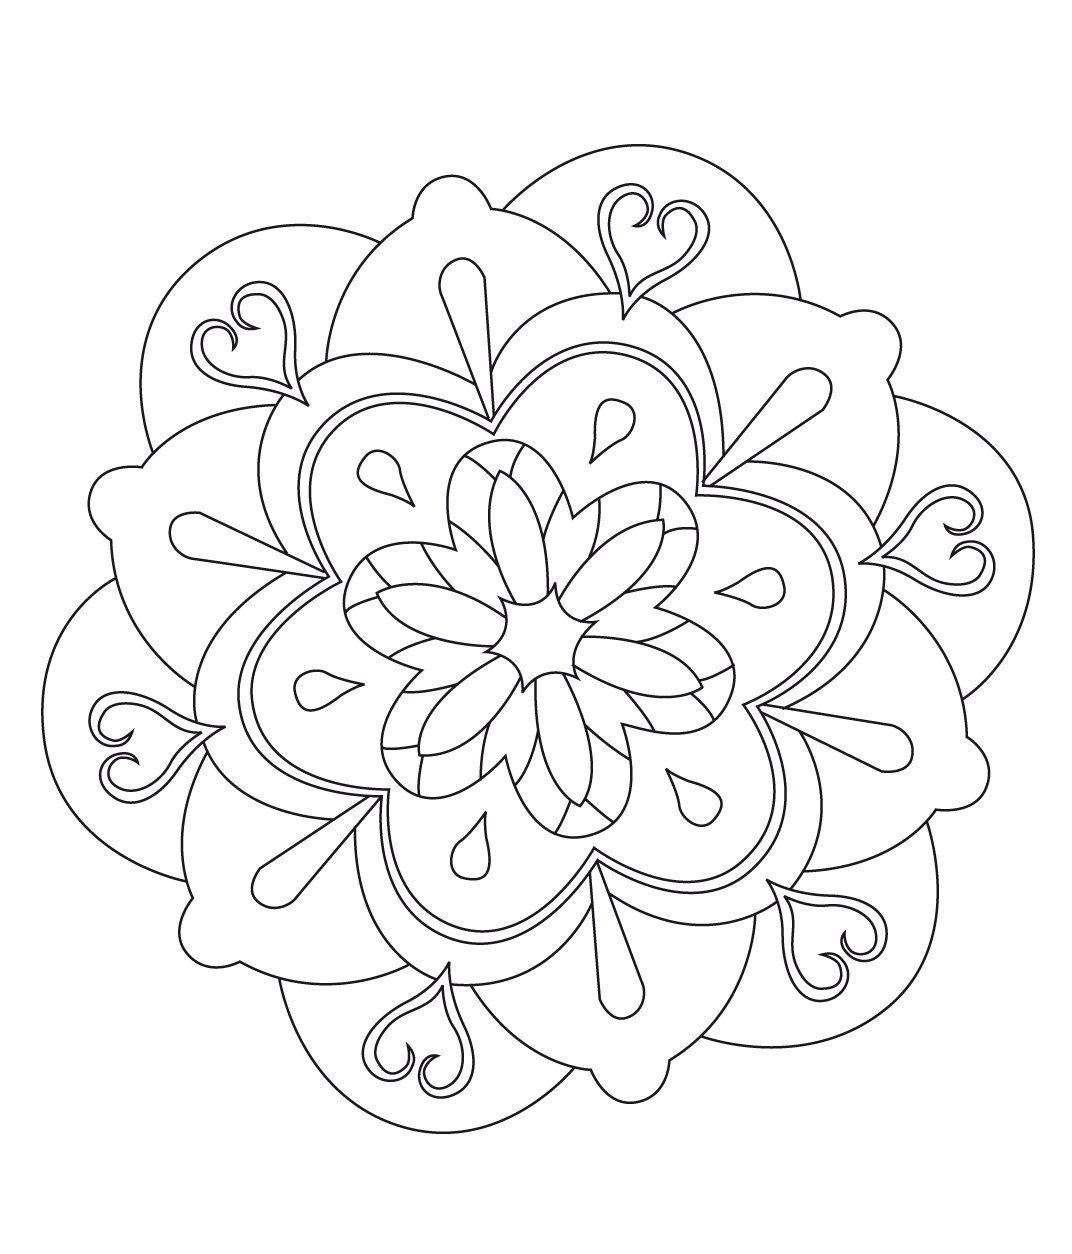 Stci coloriage pour adultes et enfants mandalas mandalas mandala coloring pages free - Dessin mandela ...